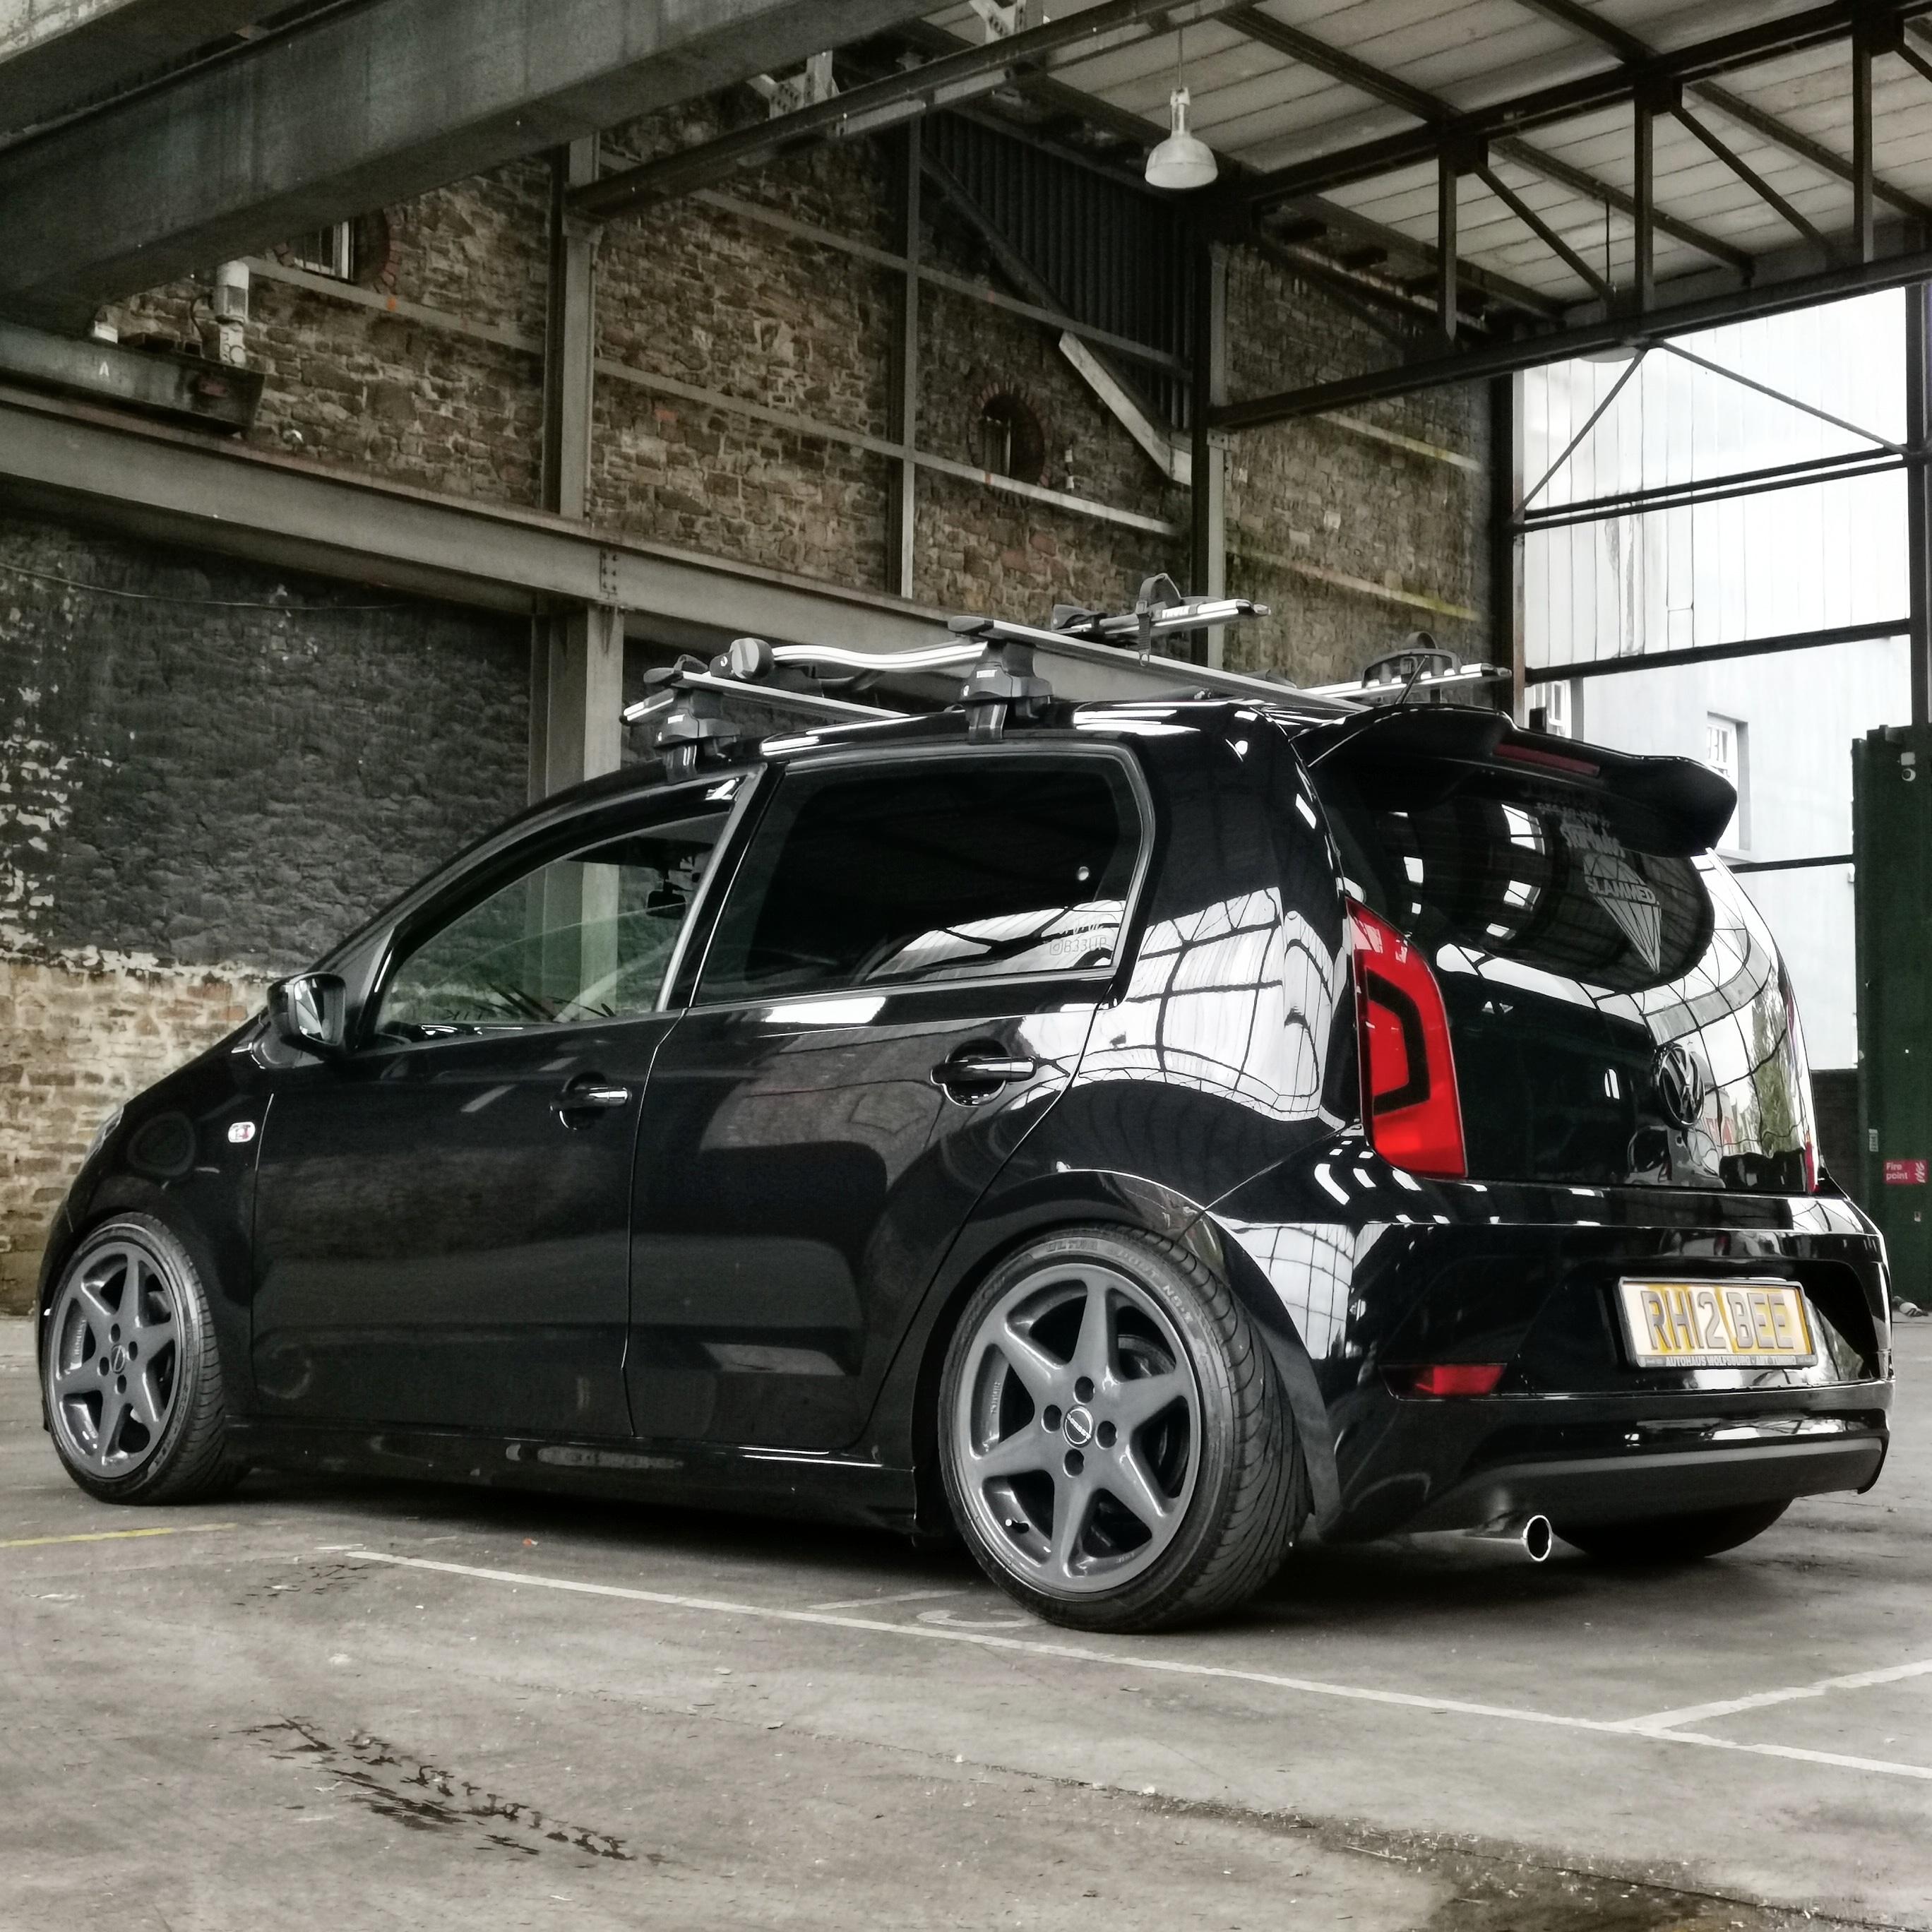 Mk1 Volkswagen Up!